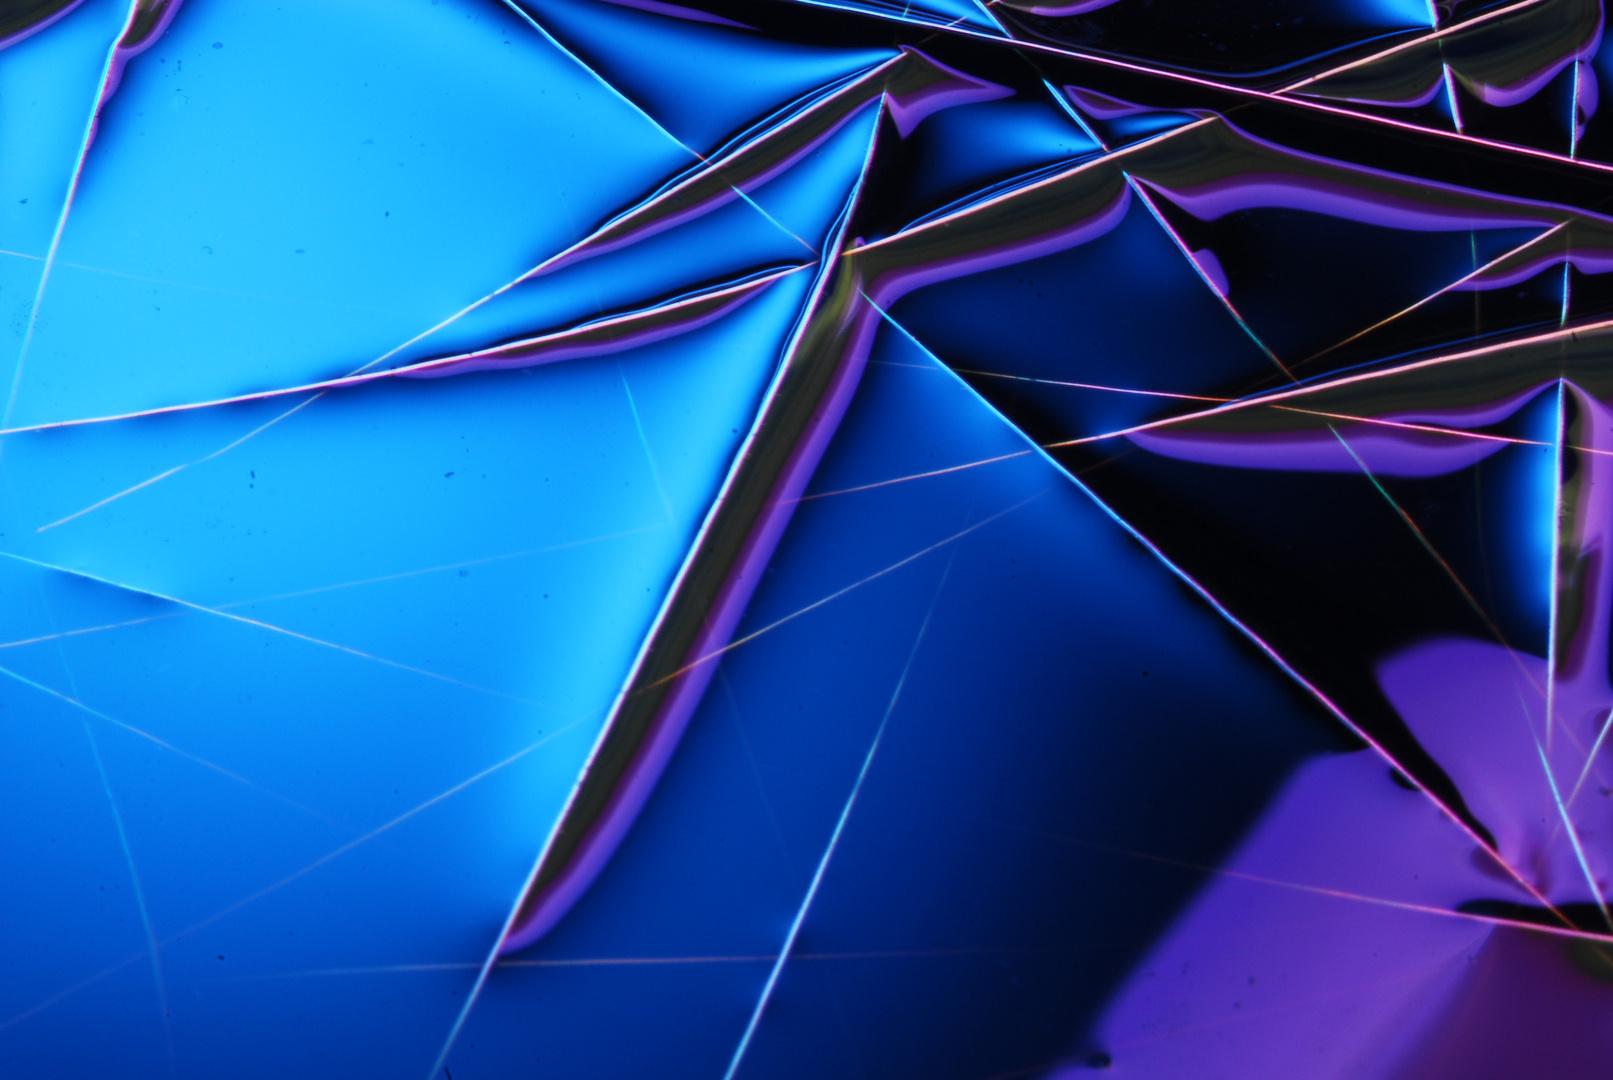 Farbflächenkomposition 1